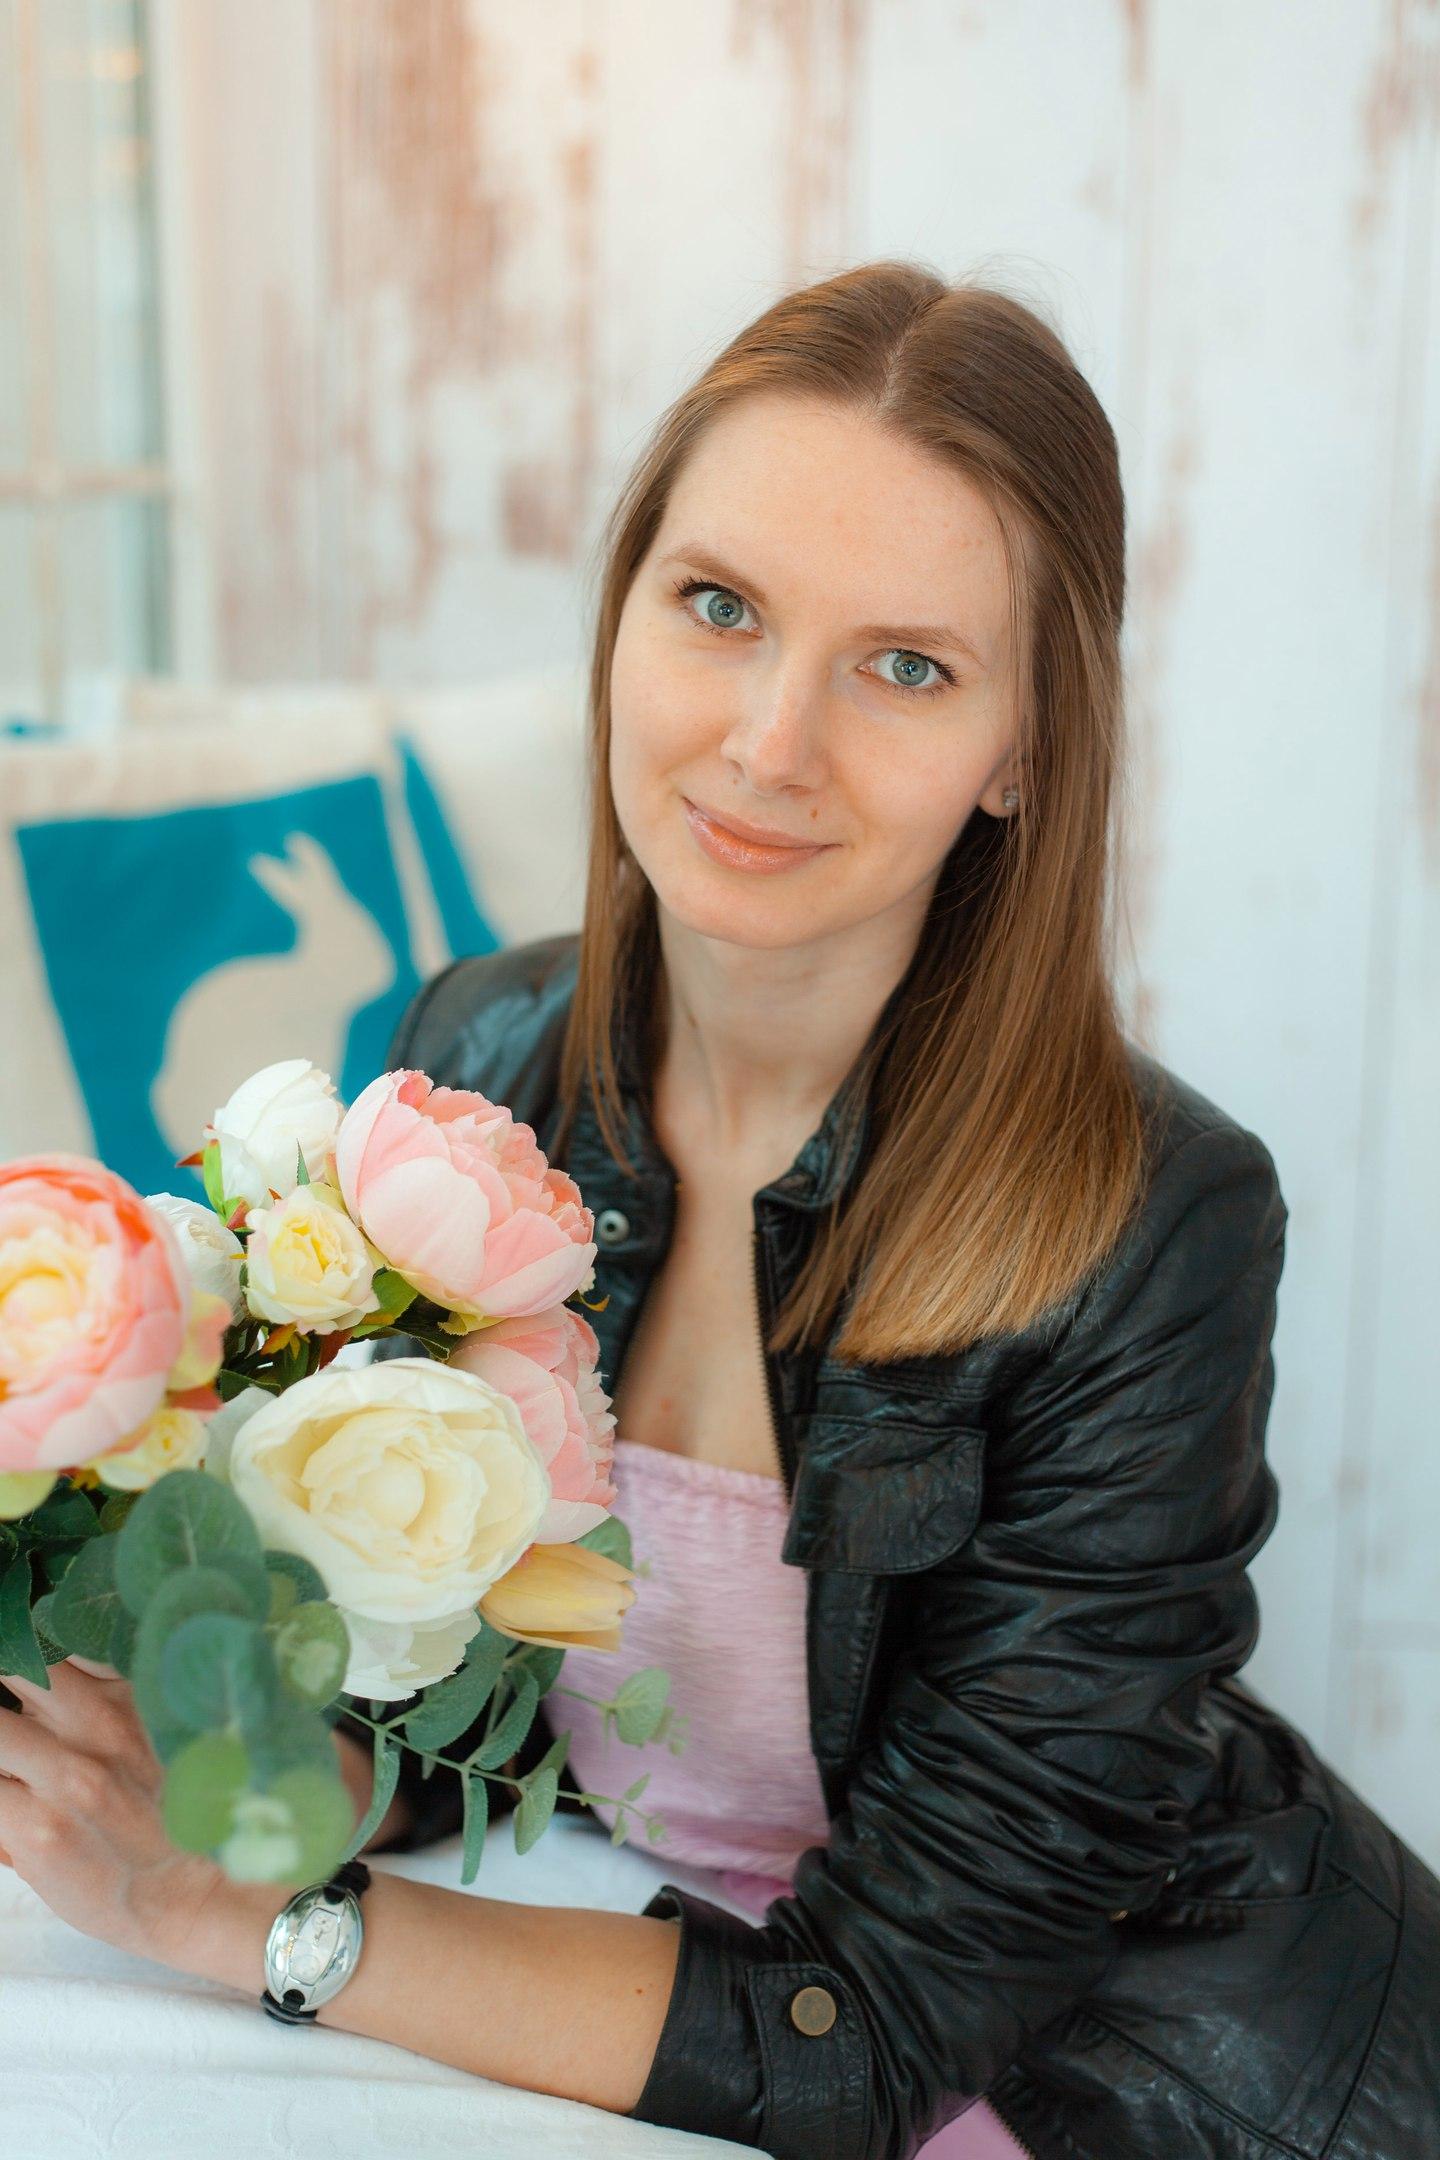 Валерия Коверга: «Основной багаж, который ты увозишь, - это знания, наработки и репутация»